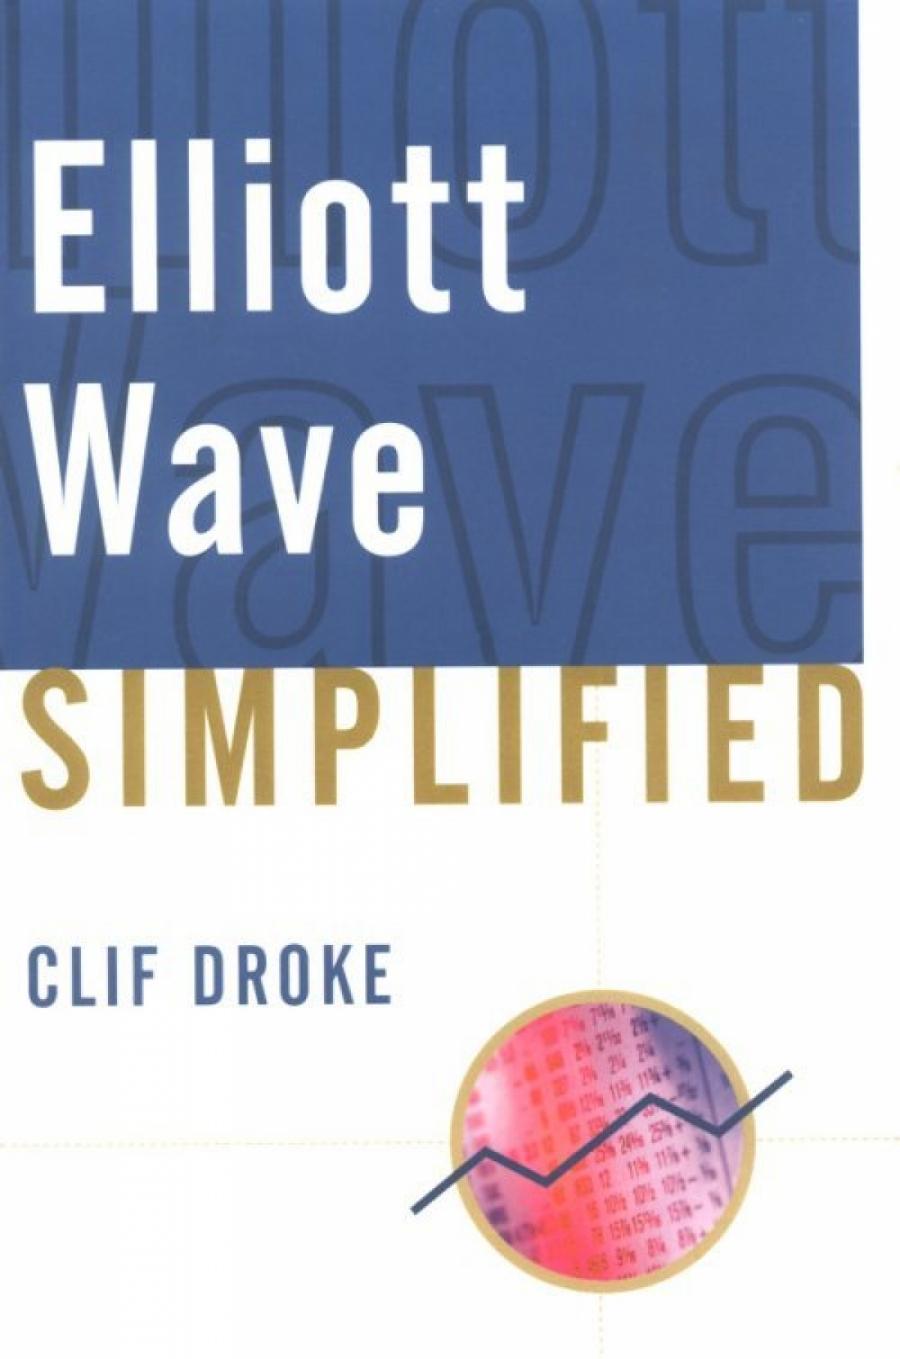 Обложка книги:  том джозеф - упрощённый анализ волны эллиотта